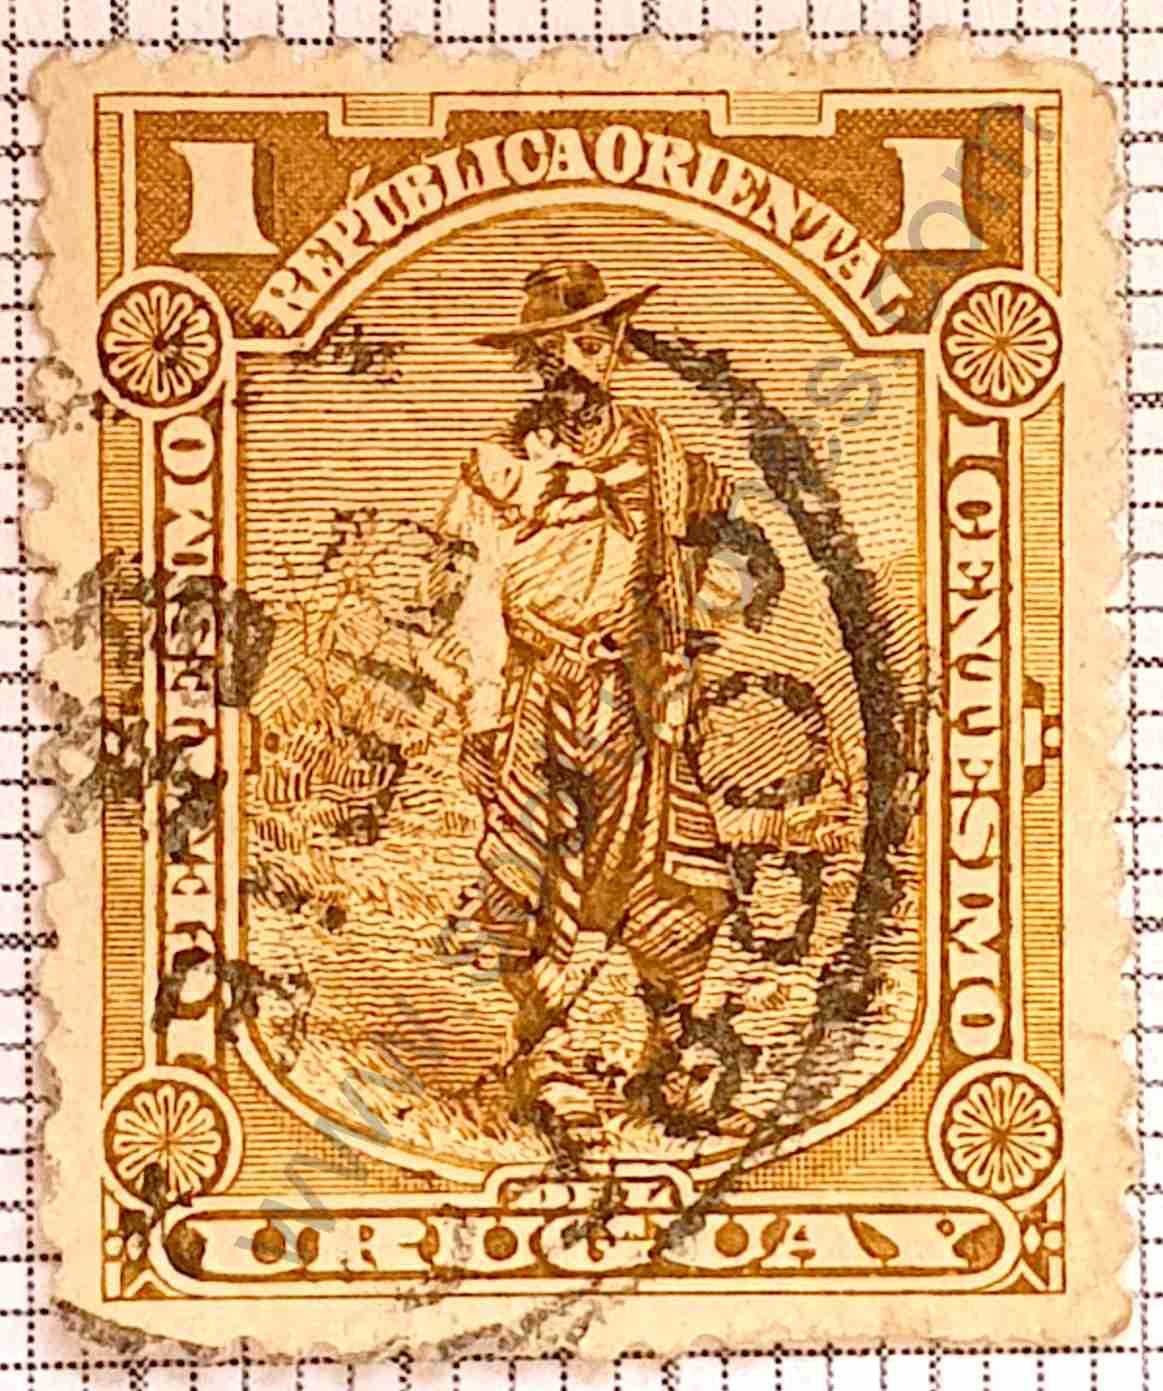 El Gaucho 1c - Sello Uruguay 1895